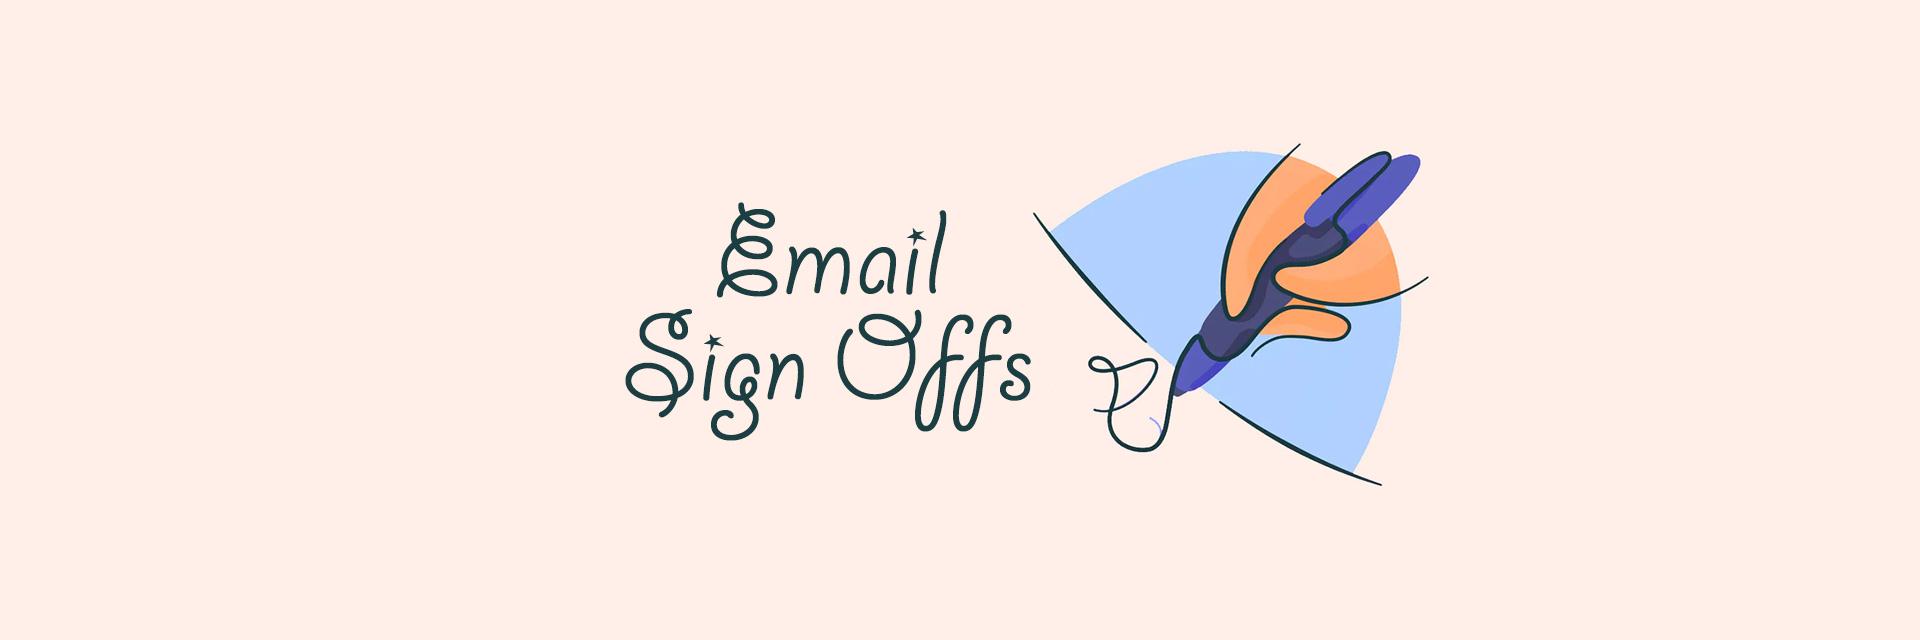 70个让收件人记住你的邮件/外贸开发信结束语Email Sign Offs